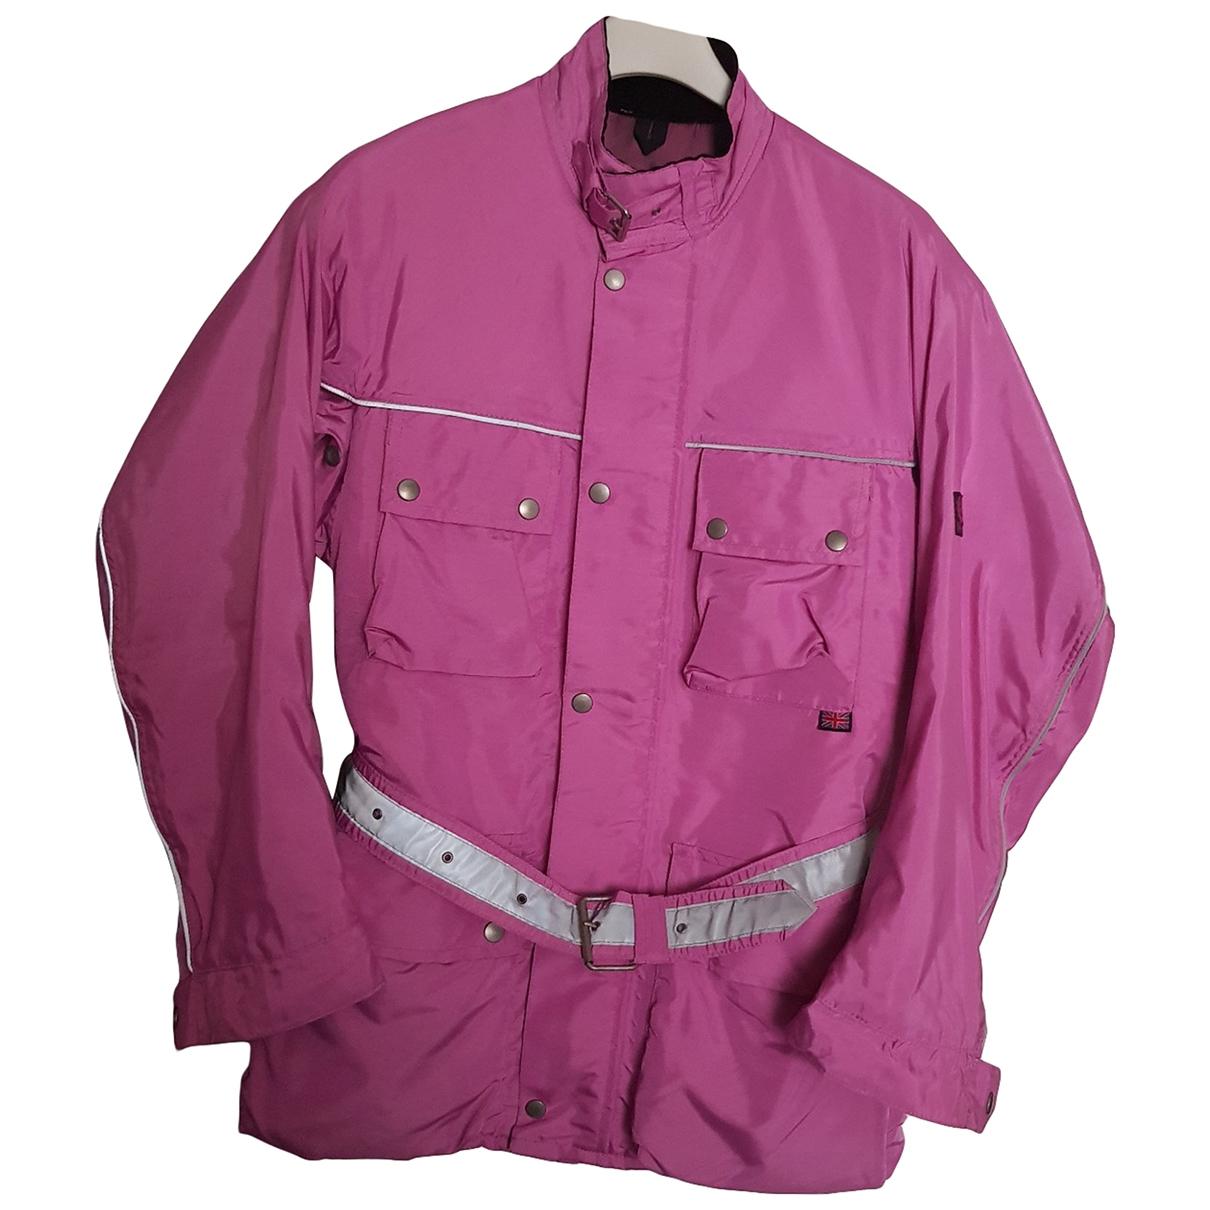 Belstaff - Veste   pour femme - rose